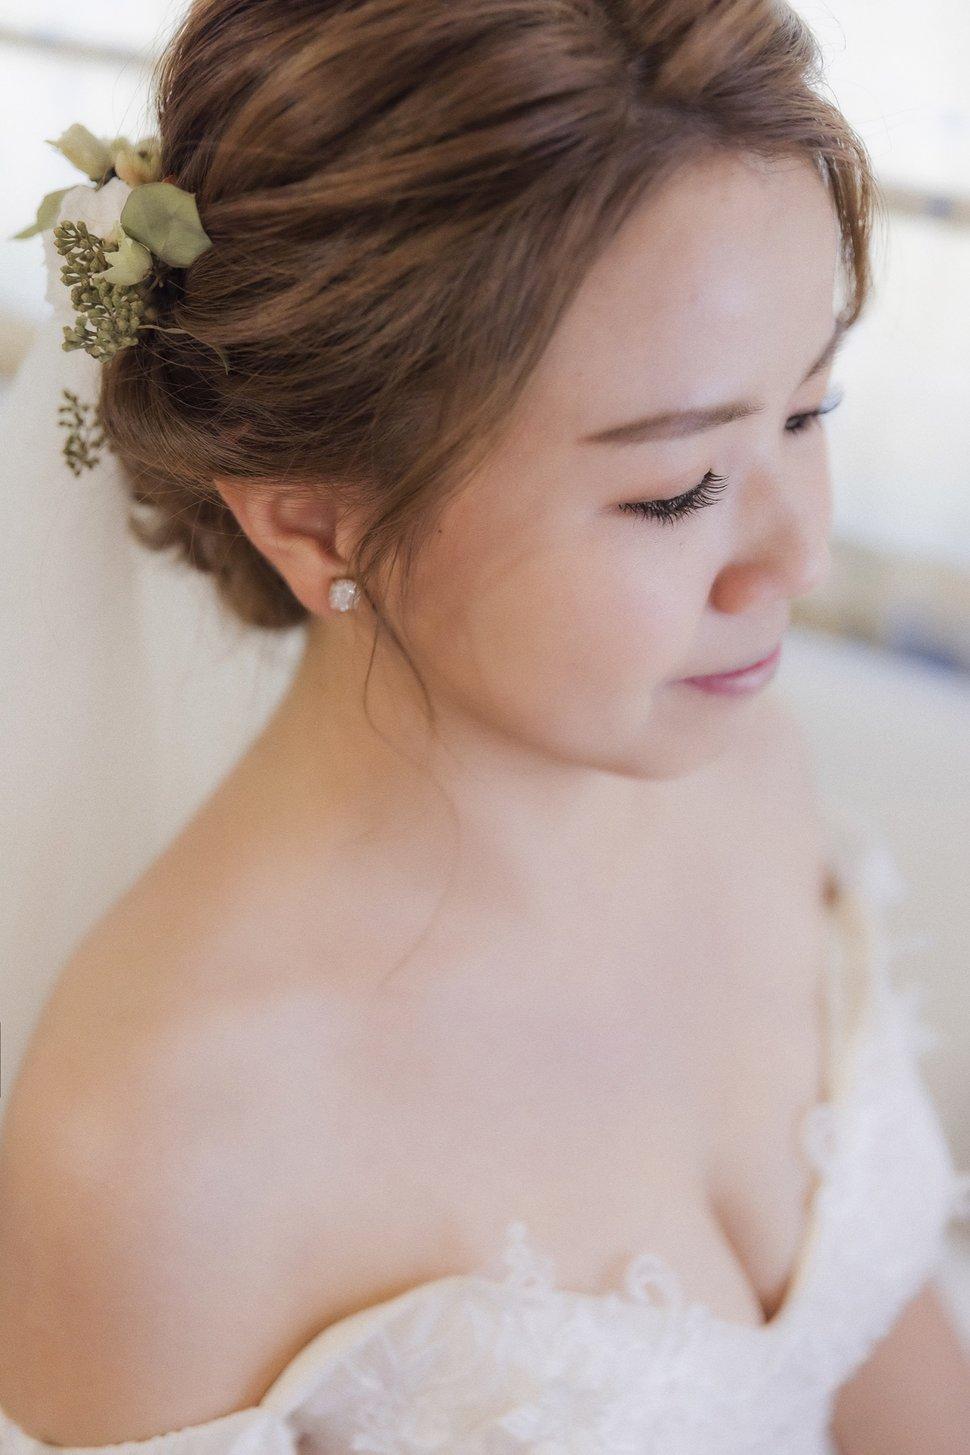 婚禮攝影-2 - Khalil Chou (凱勒·周)《結婚吧》